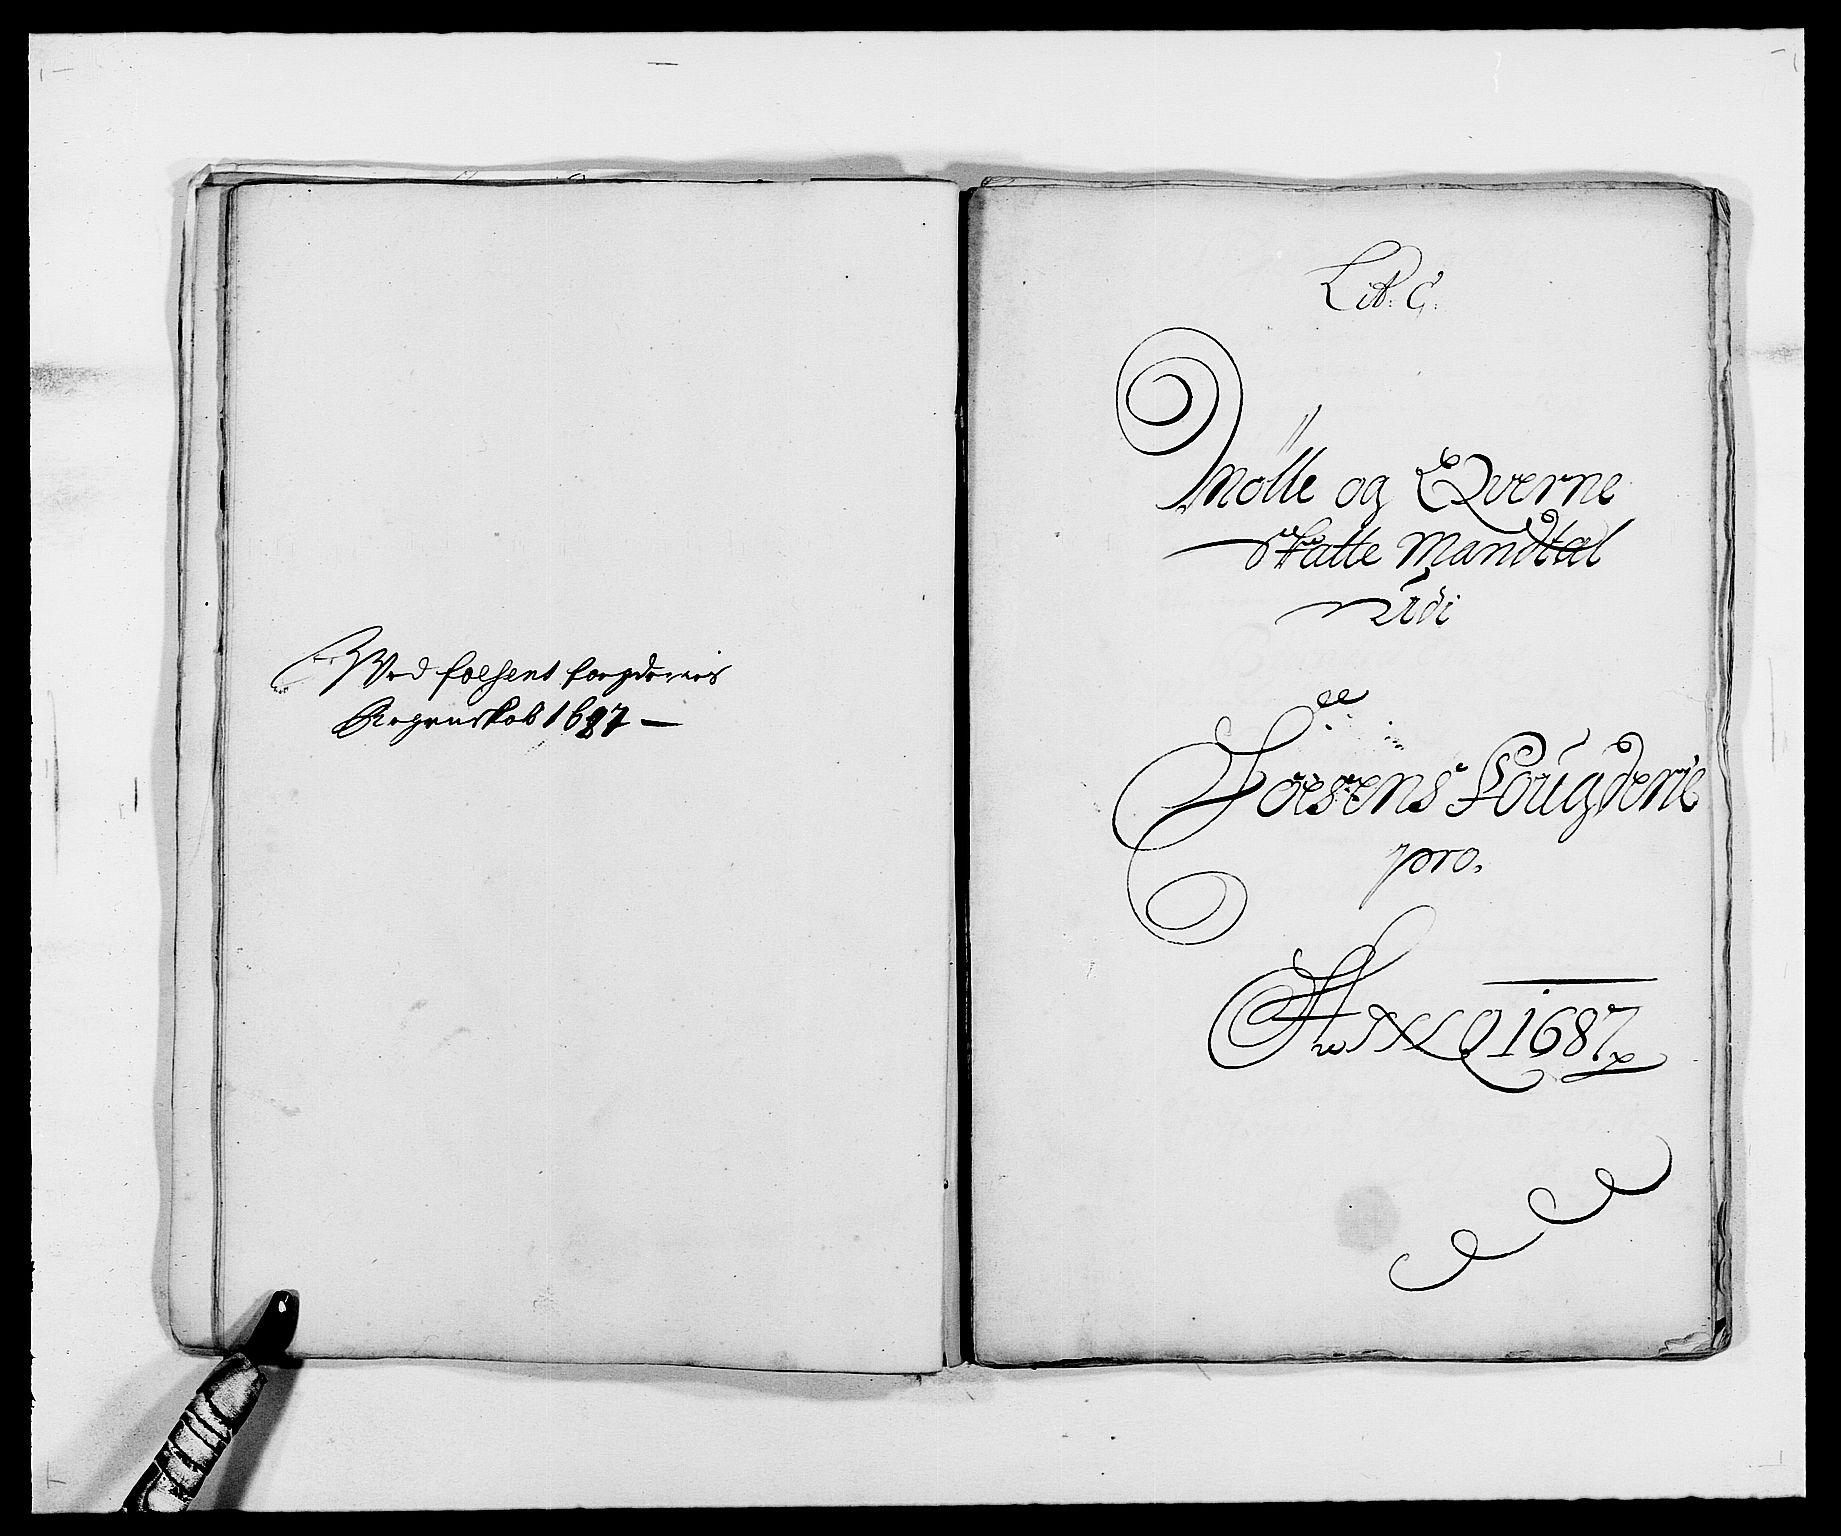 RA, Rentekammeret inntil 1814, Reviderte regnskaper, Fogderegnskap, R57/L3845: Fogderegnskap Fosen, 1687, s. 29